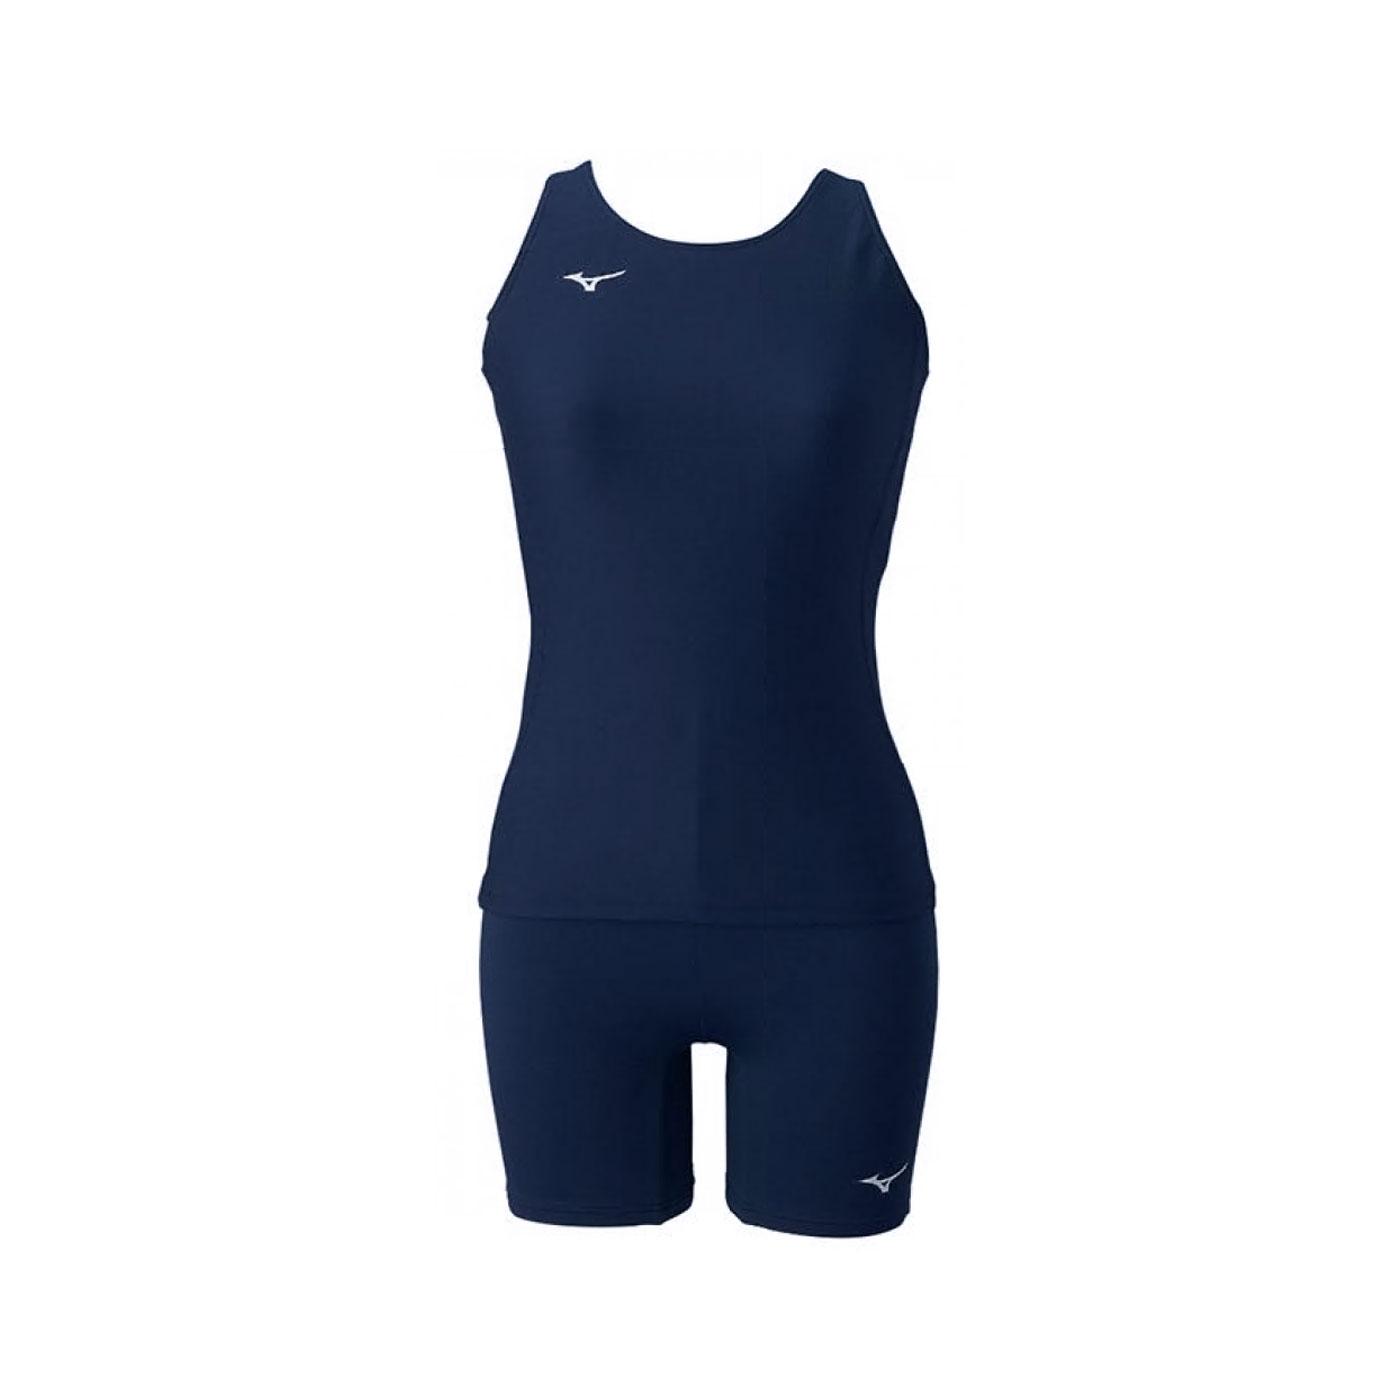 MIZUNO 女款兩件式泳衣 N2MG1C0114 - 丈青銀